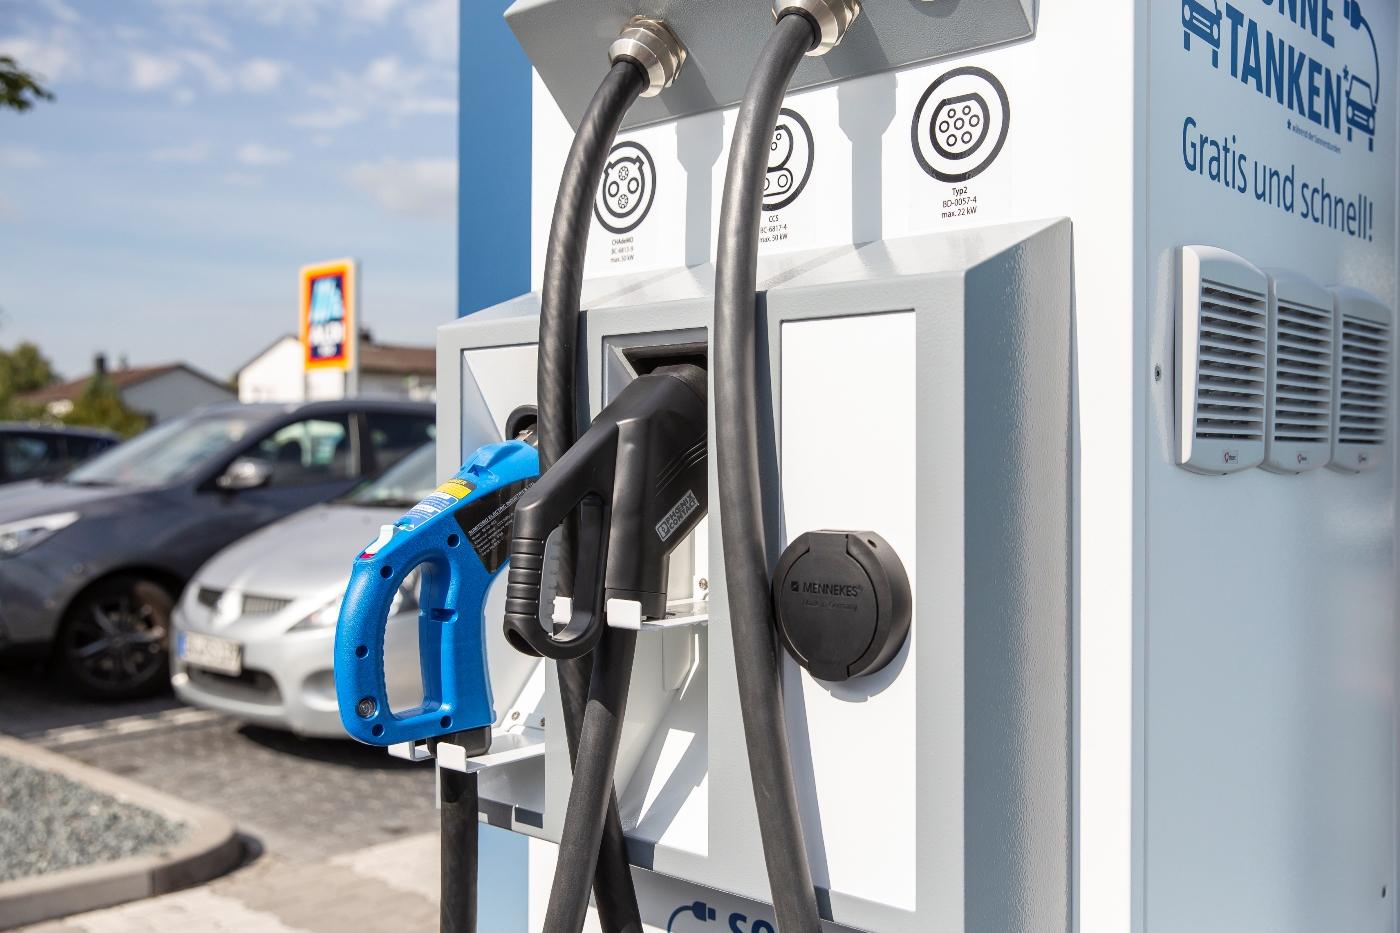 Kostenfrei Strom tanken an den Elektrotankstellen bei ALDI SÜD